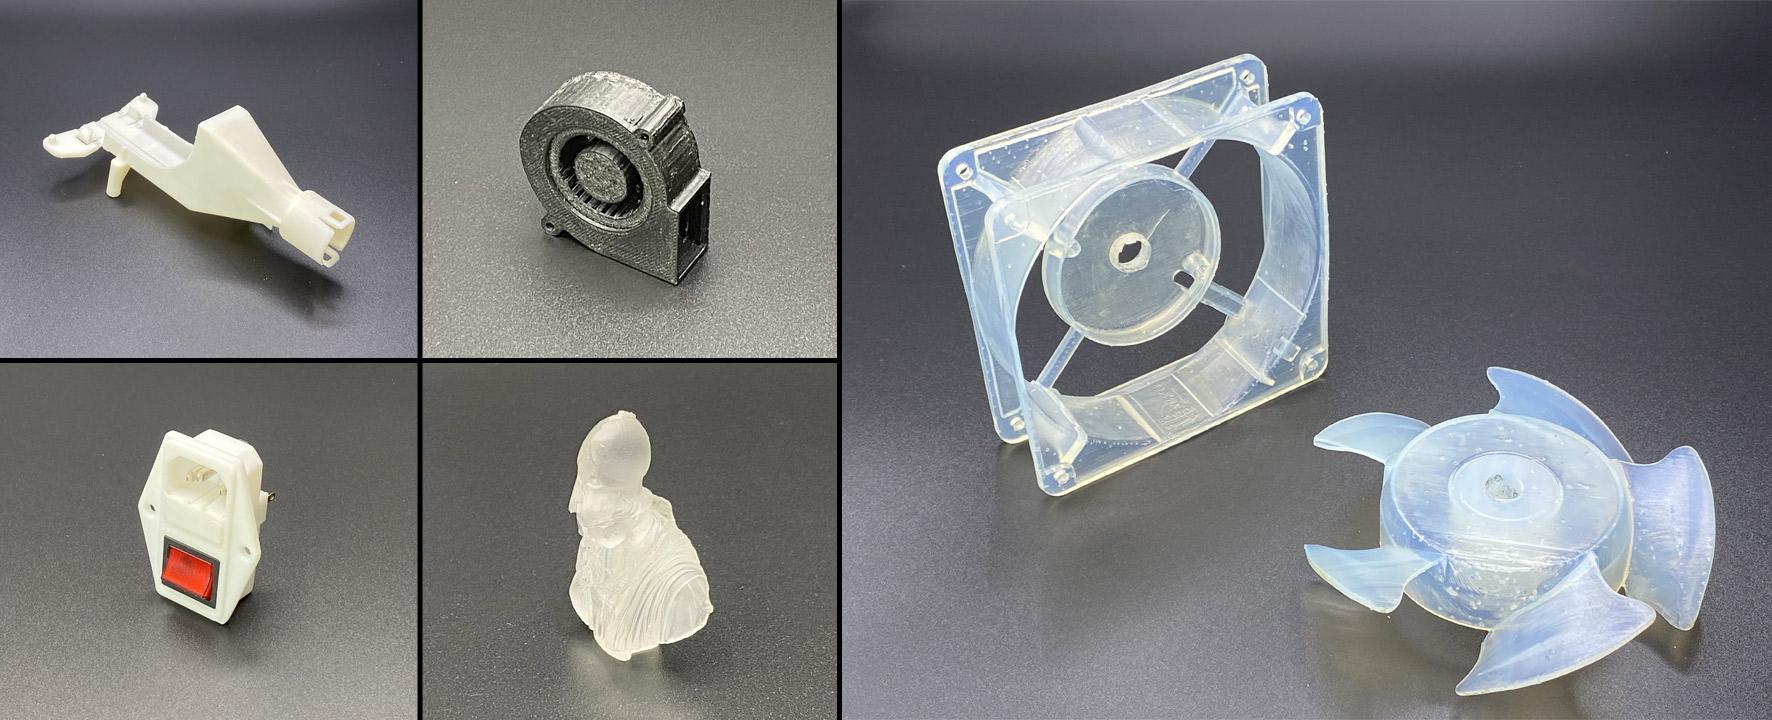 prototipazione rapida 3D stratasys